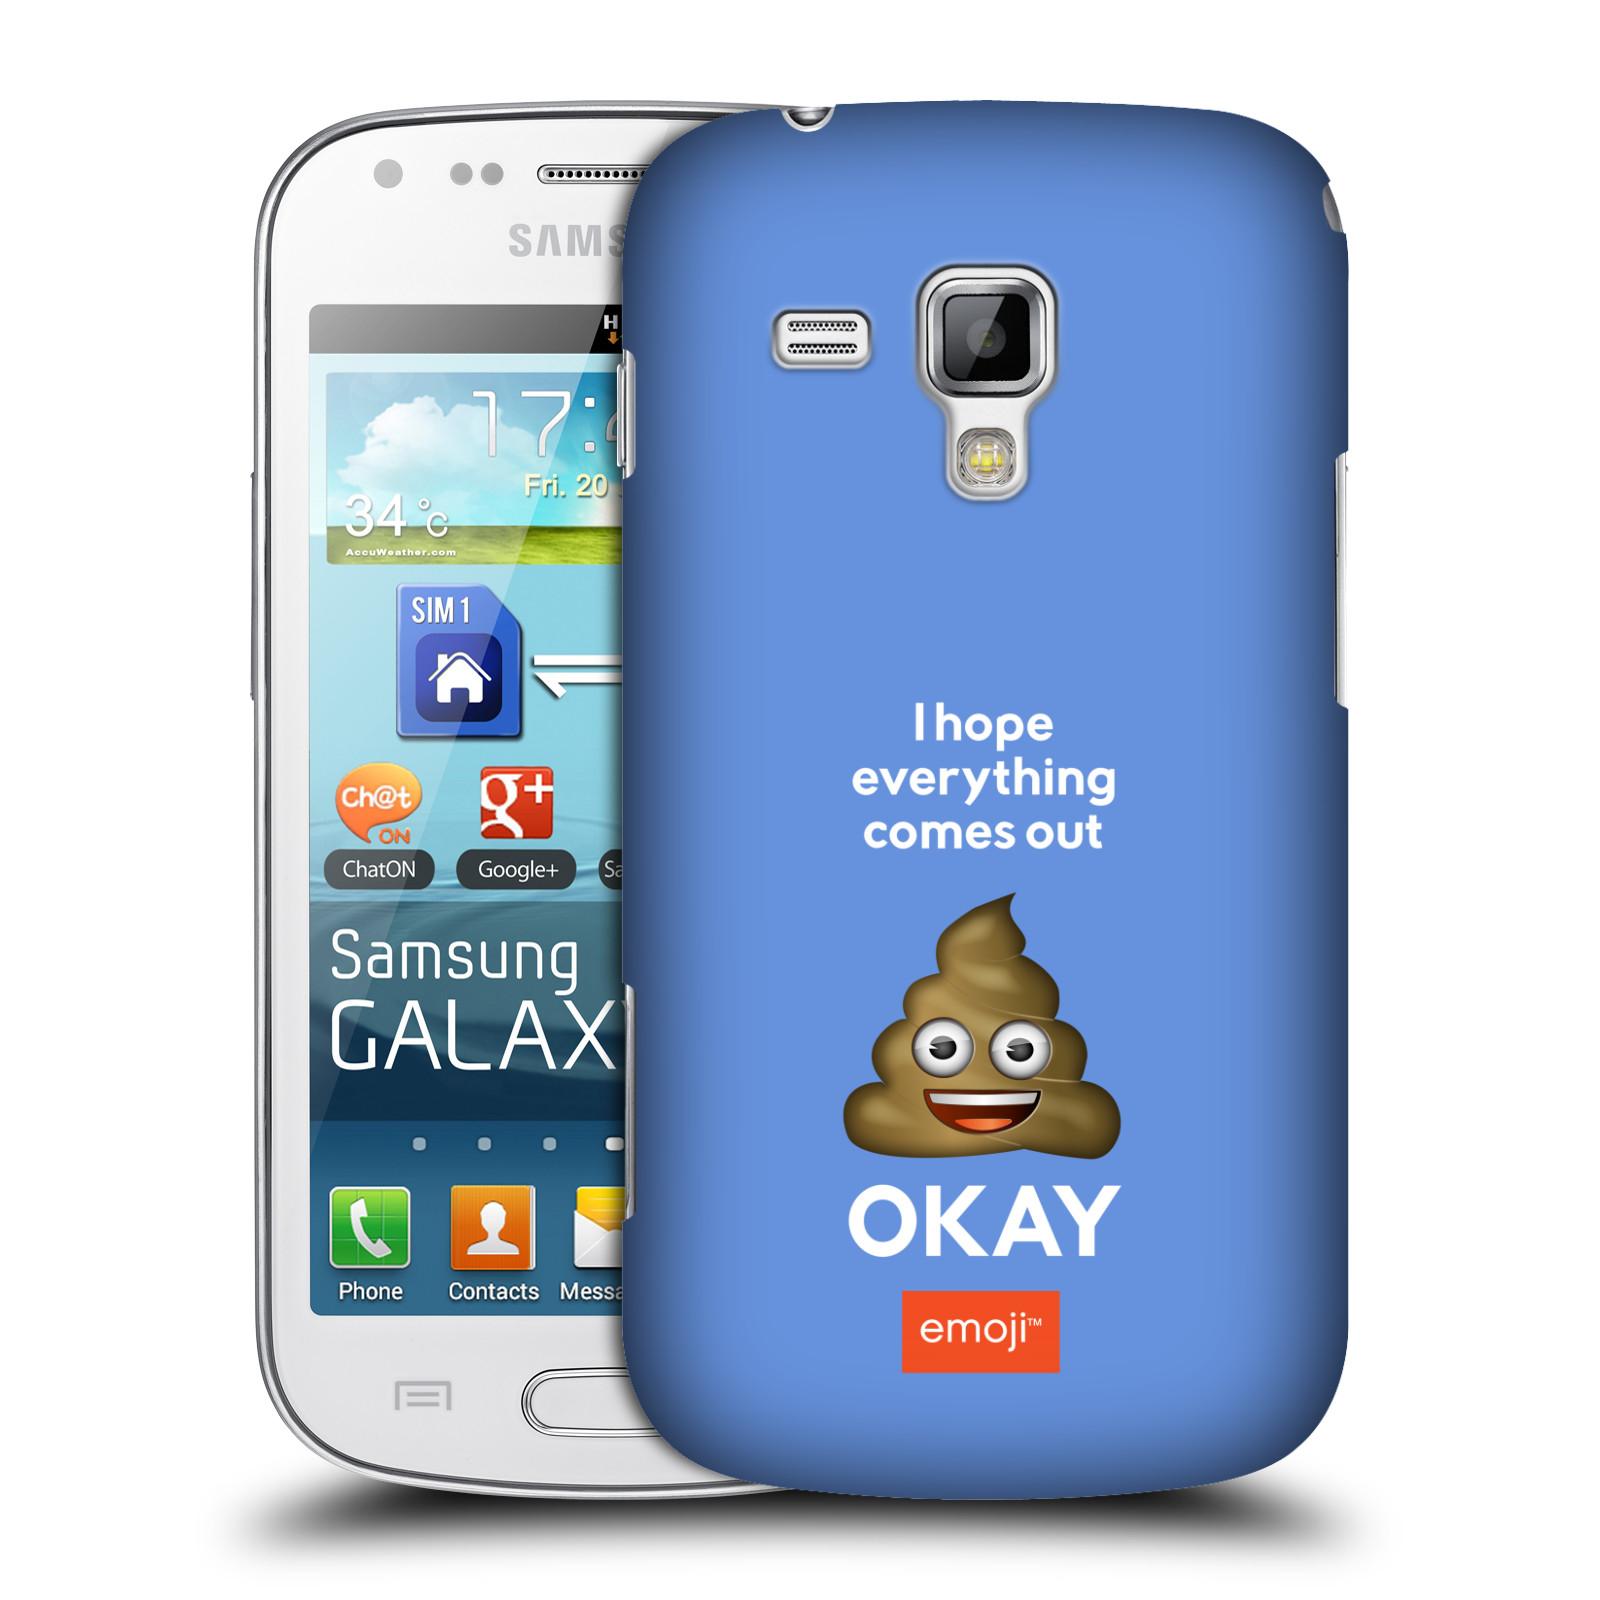 Plastové pouzdro na mobil Samsung Galaxy Trend HEAD CASE EMOJI - Hovínko OKAY (Kryt či obal s oficiálním motivem EMOJI na mobilní telefon Samsung Galaxy Trend GT-S7560)